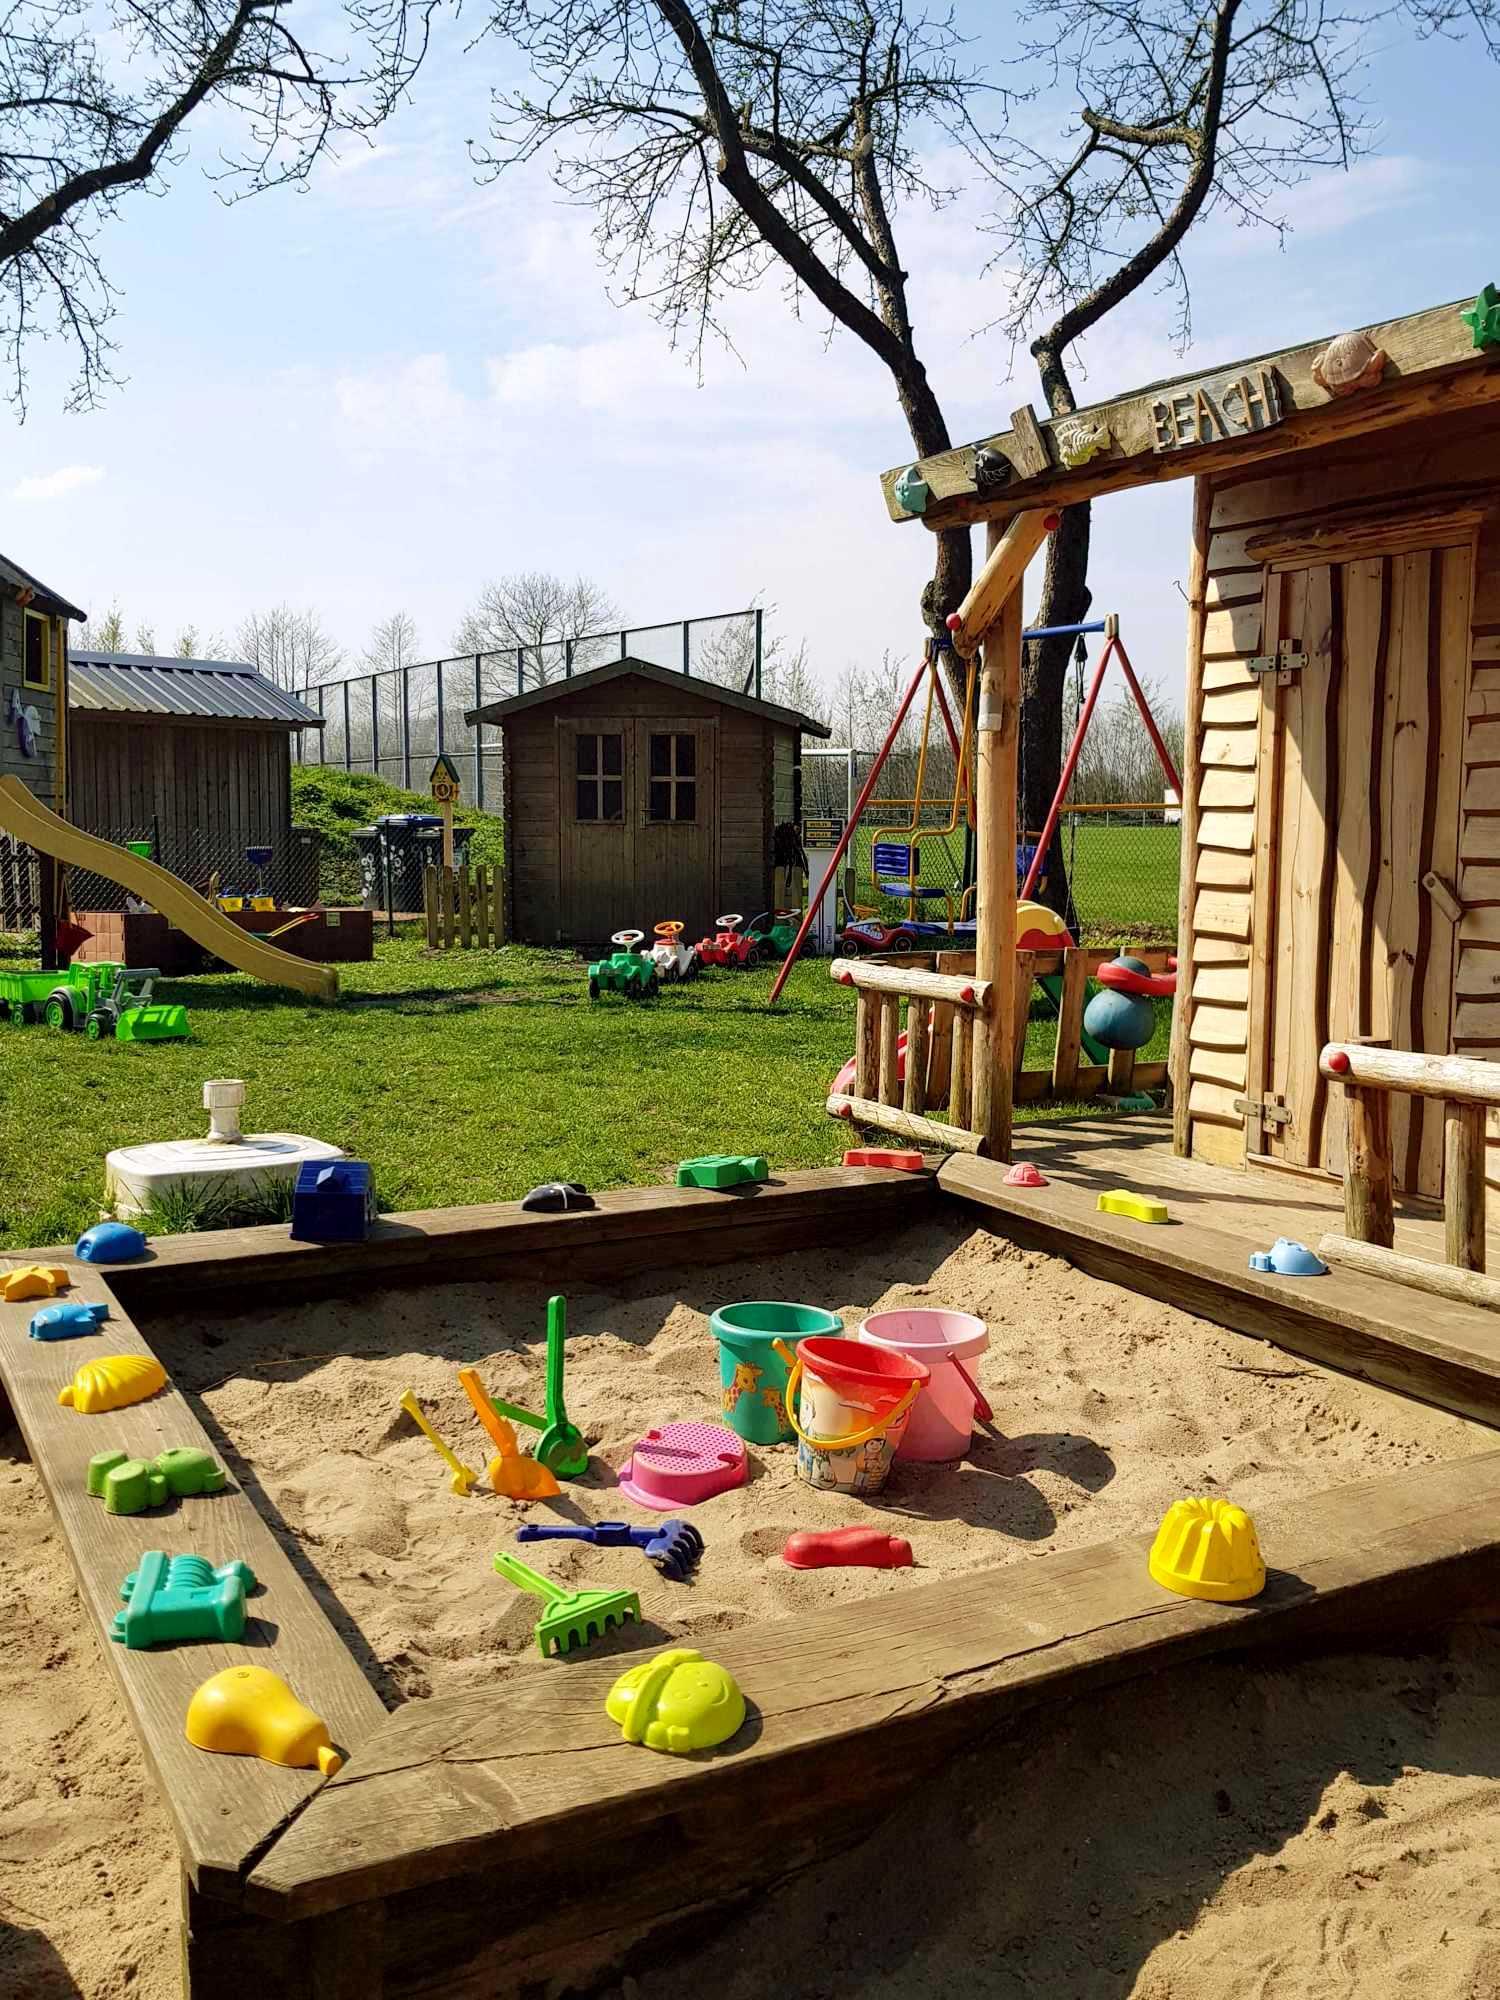 Kita Kid Zone Kinderbetreuung Garten 1 6 - Outdoor-Spielzeug